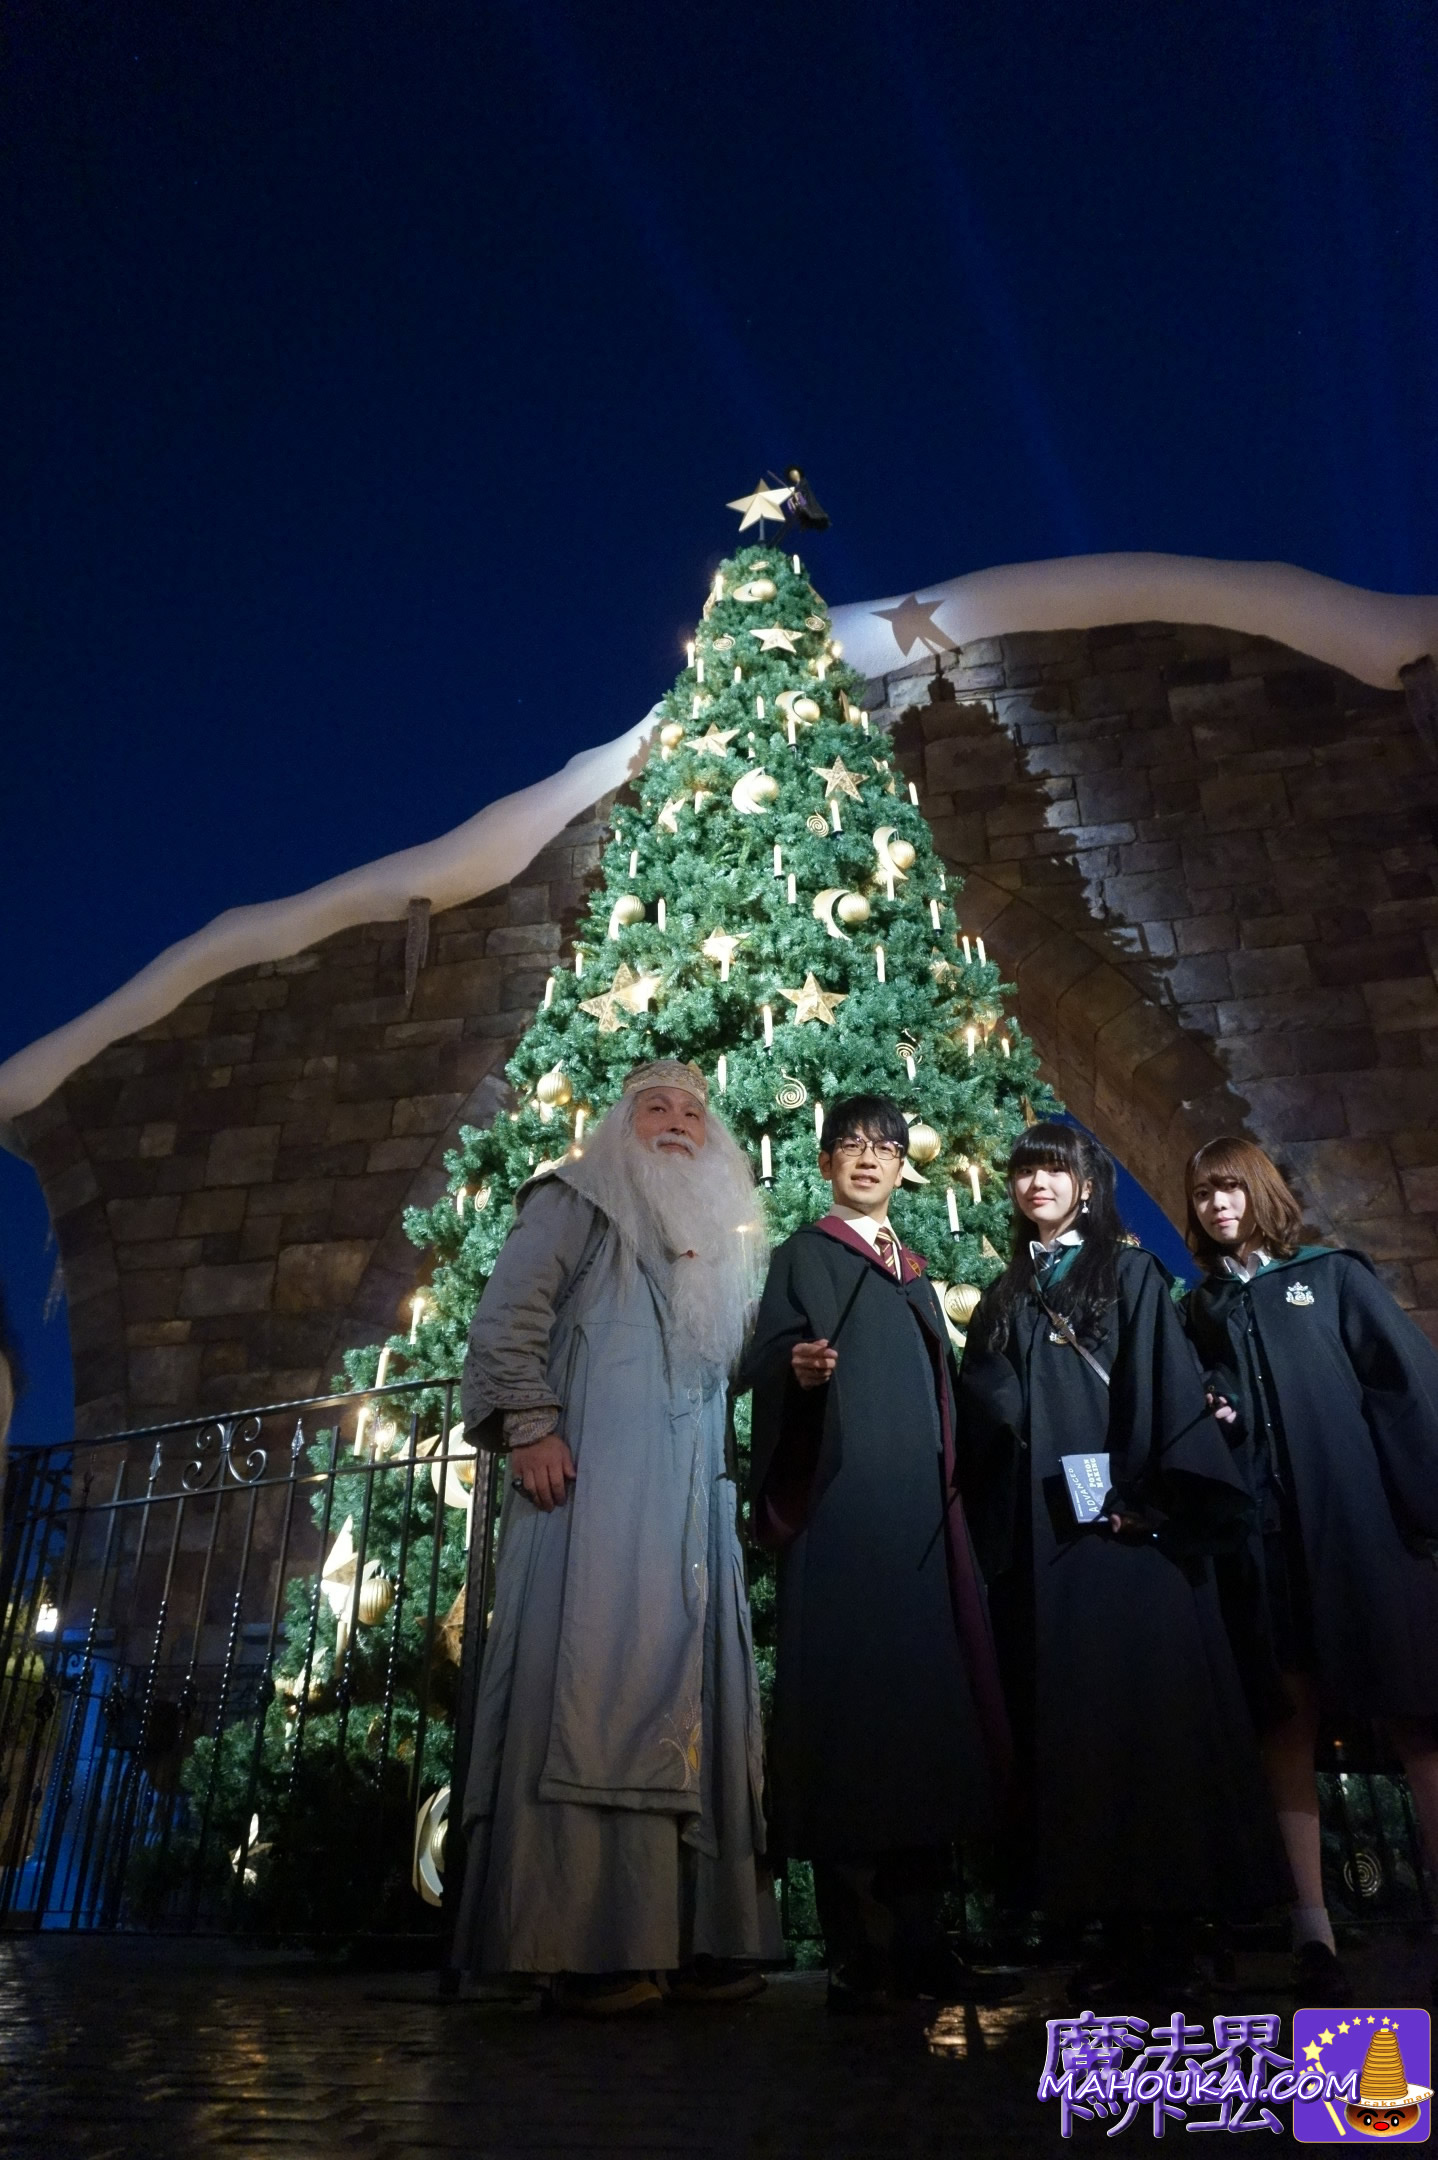 魔法界のクリスマスツリー ナイト(USJハリーポッターエリア)